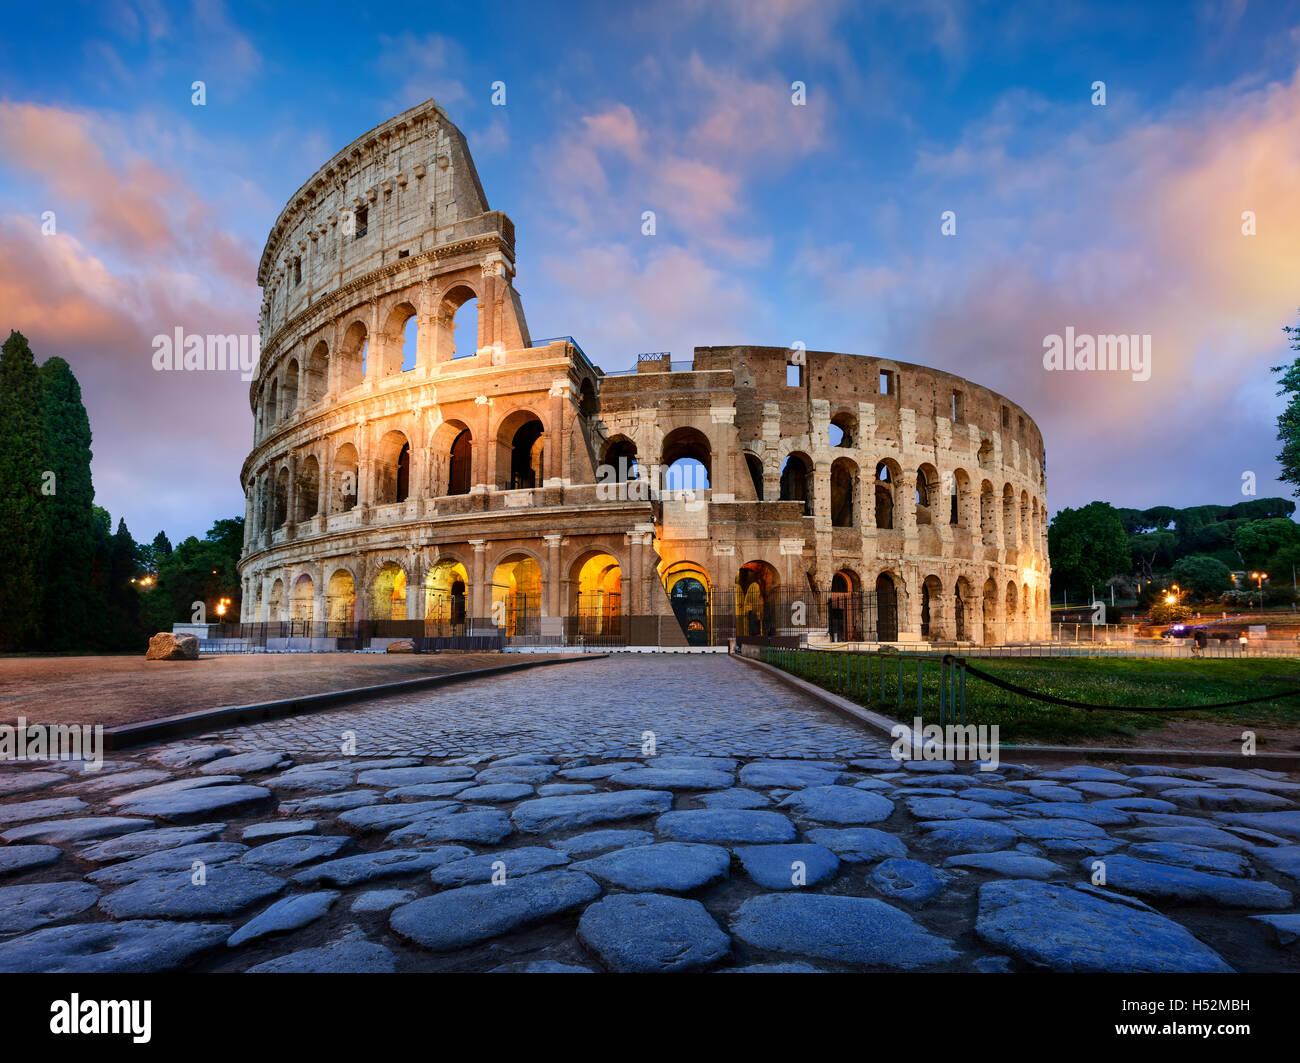 Ansicht des Kolosseums in Rom und morgen Sonne, Italien, Europa. Stockbild